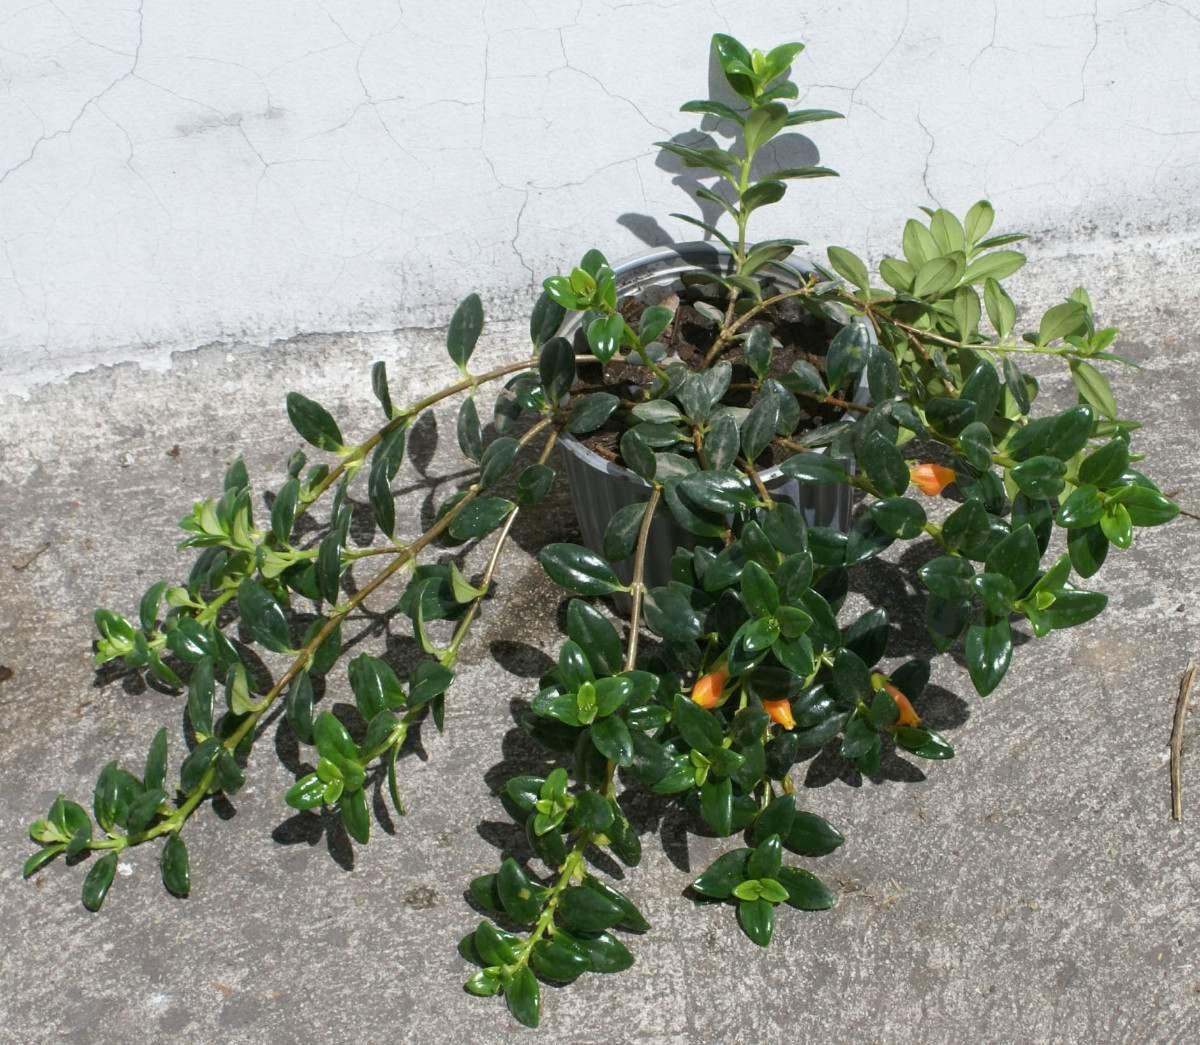 Pescadito plantas ornamentales para jardin decoracion for Plantas decorativas ornamentales